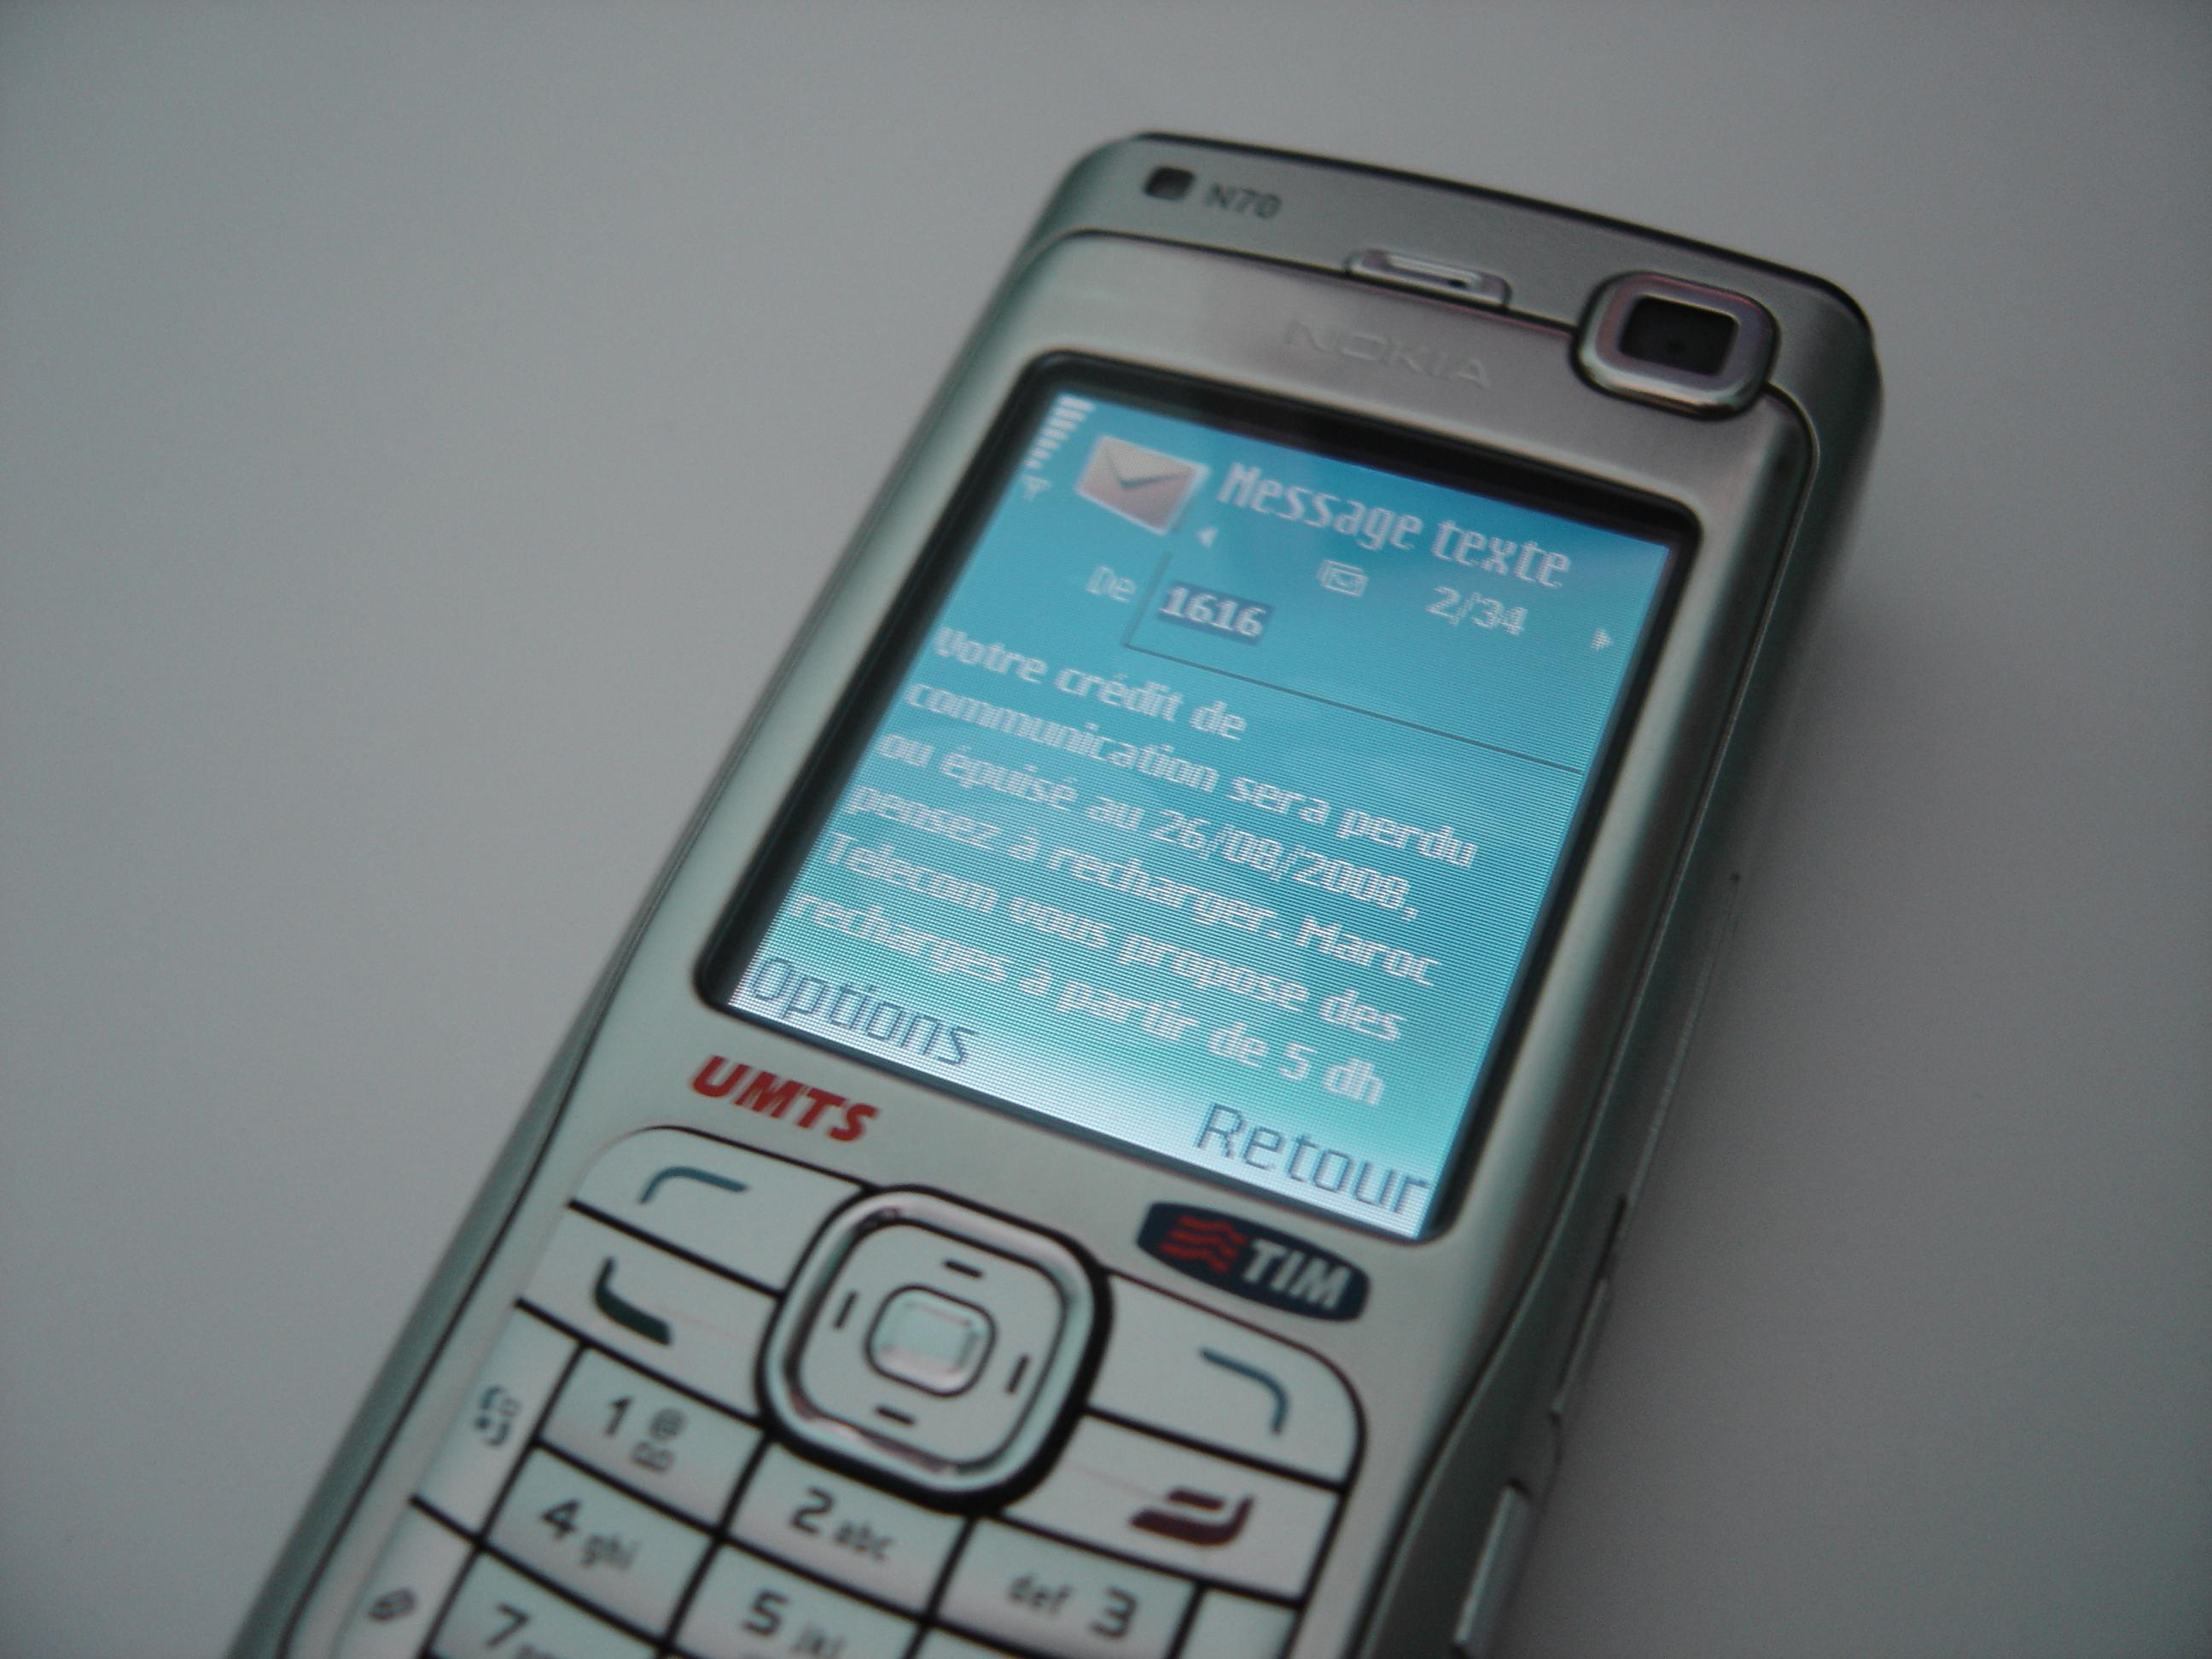 spy sms software for nokia 6